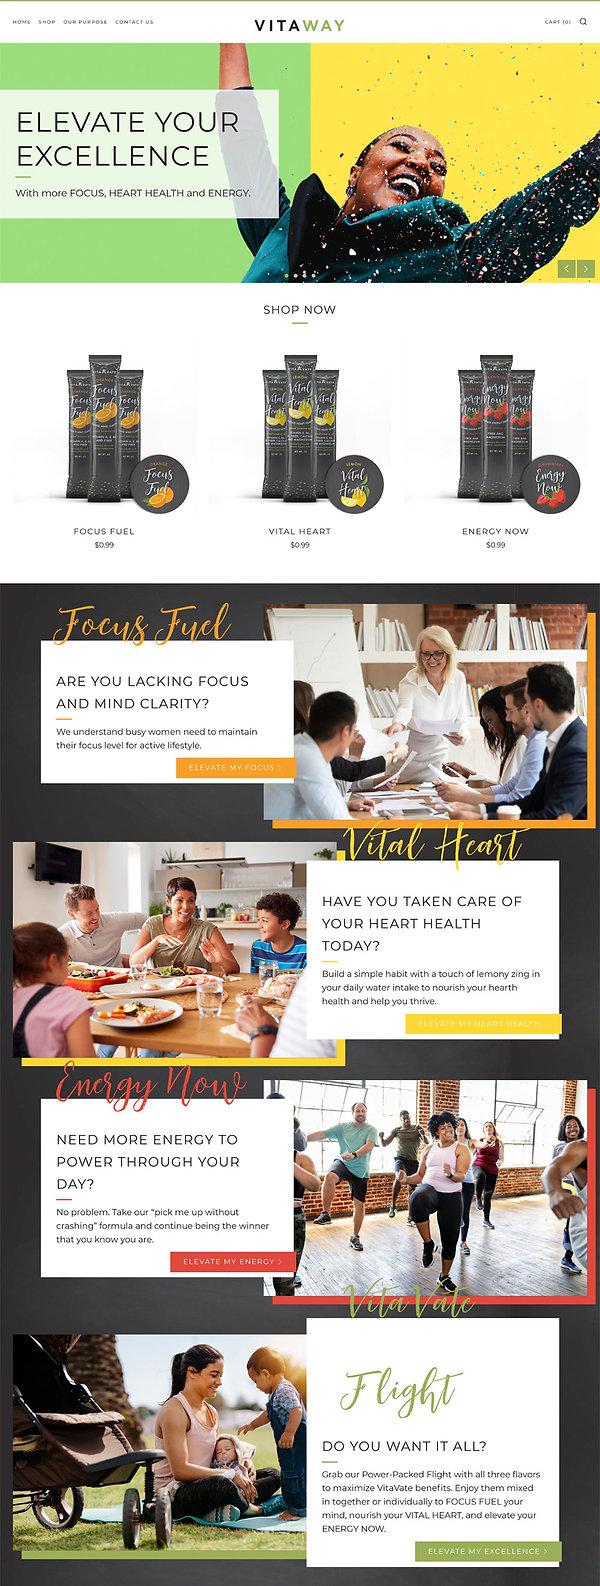 VitaVate-homepage.jpg